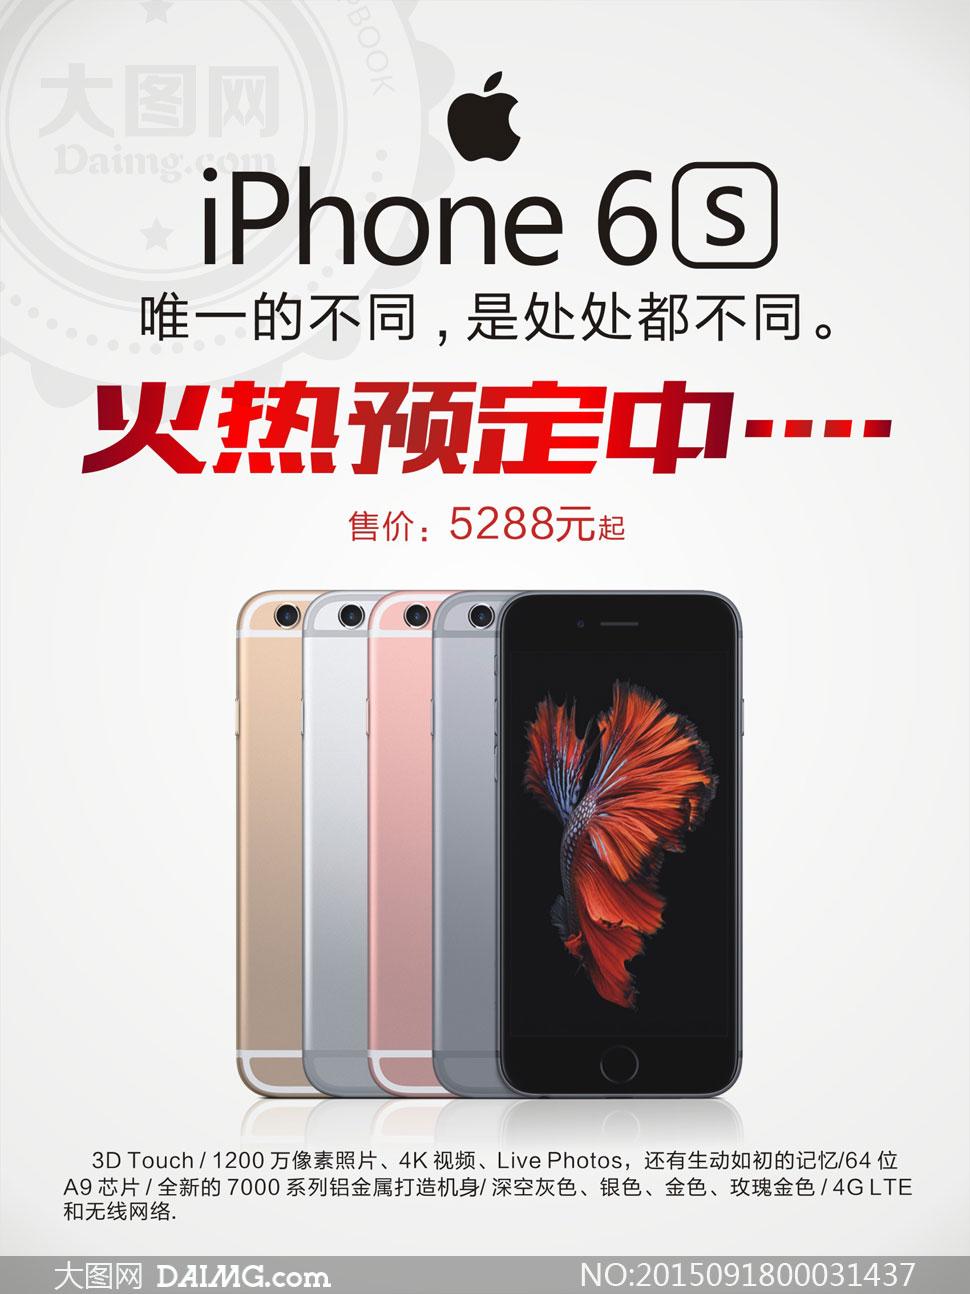 苹果iphone6s火热预订海报设计矢量素材